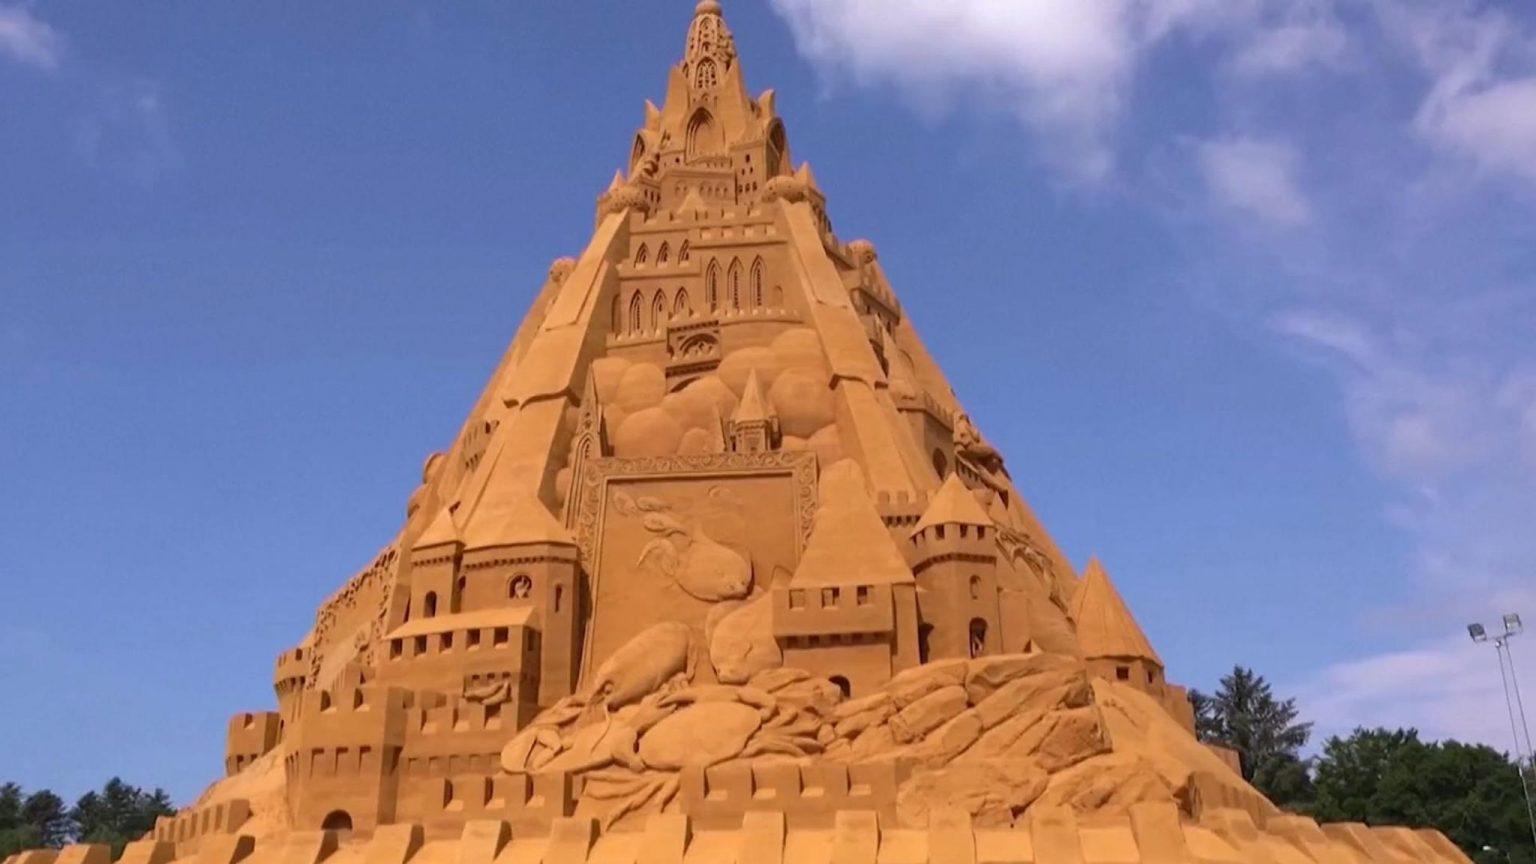 World's tallest sandcastle constructed in Denmark| ലോകത്തിലെ ഏറ്റവും വലിയ സാൻഡ്കാസിൽ ഡെൻമാർക്കിൽ നിർമ്മിച്ചു_40.1